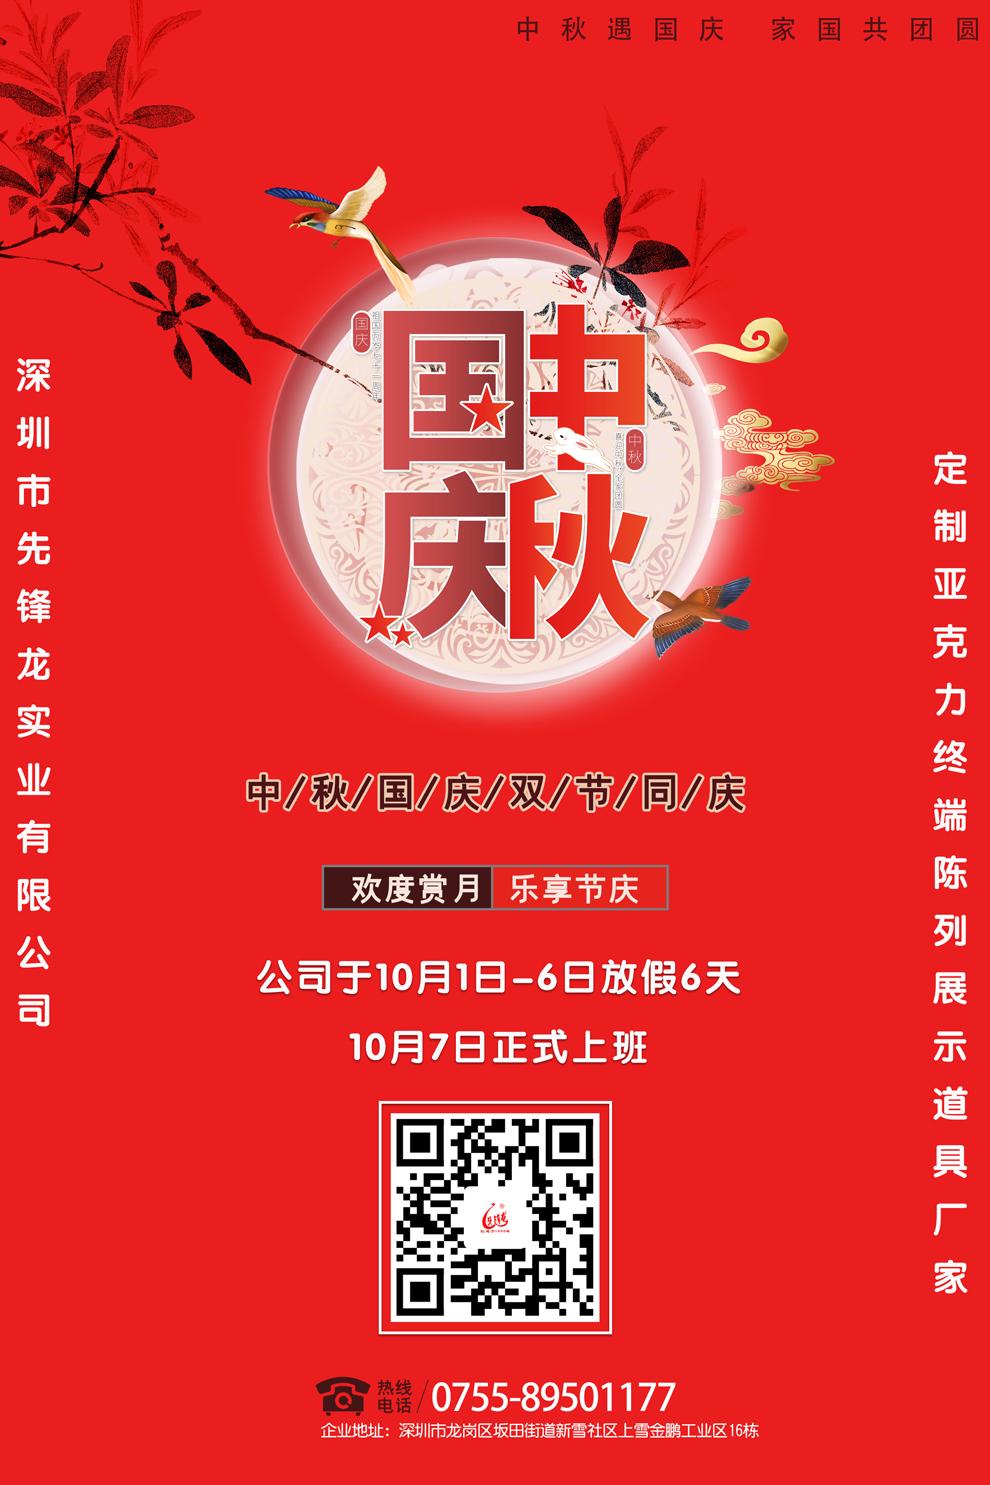 先锋龙祝大家2020国庆中秋节快乐